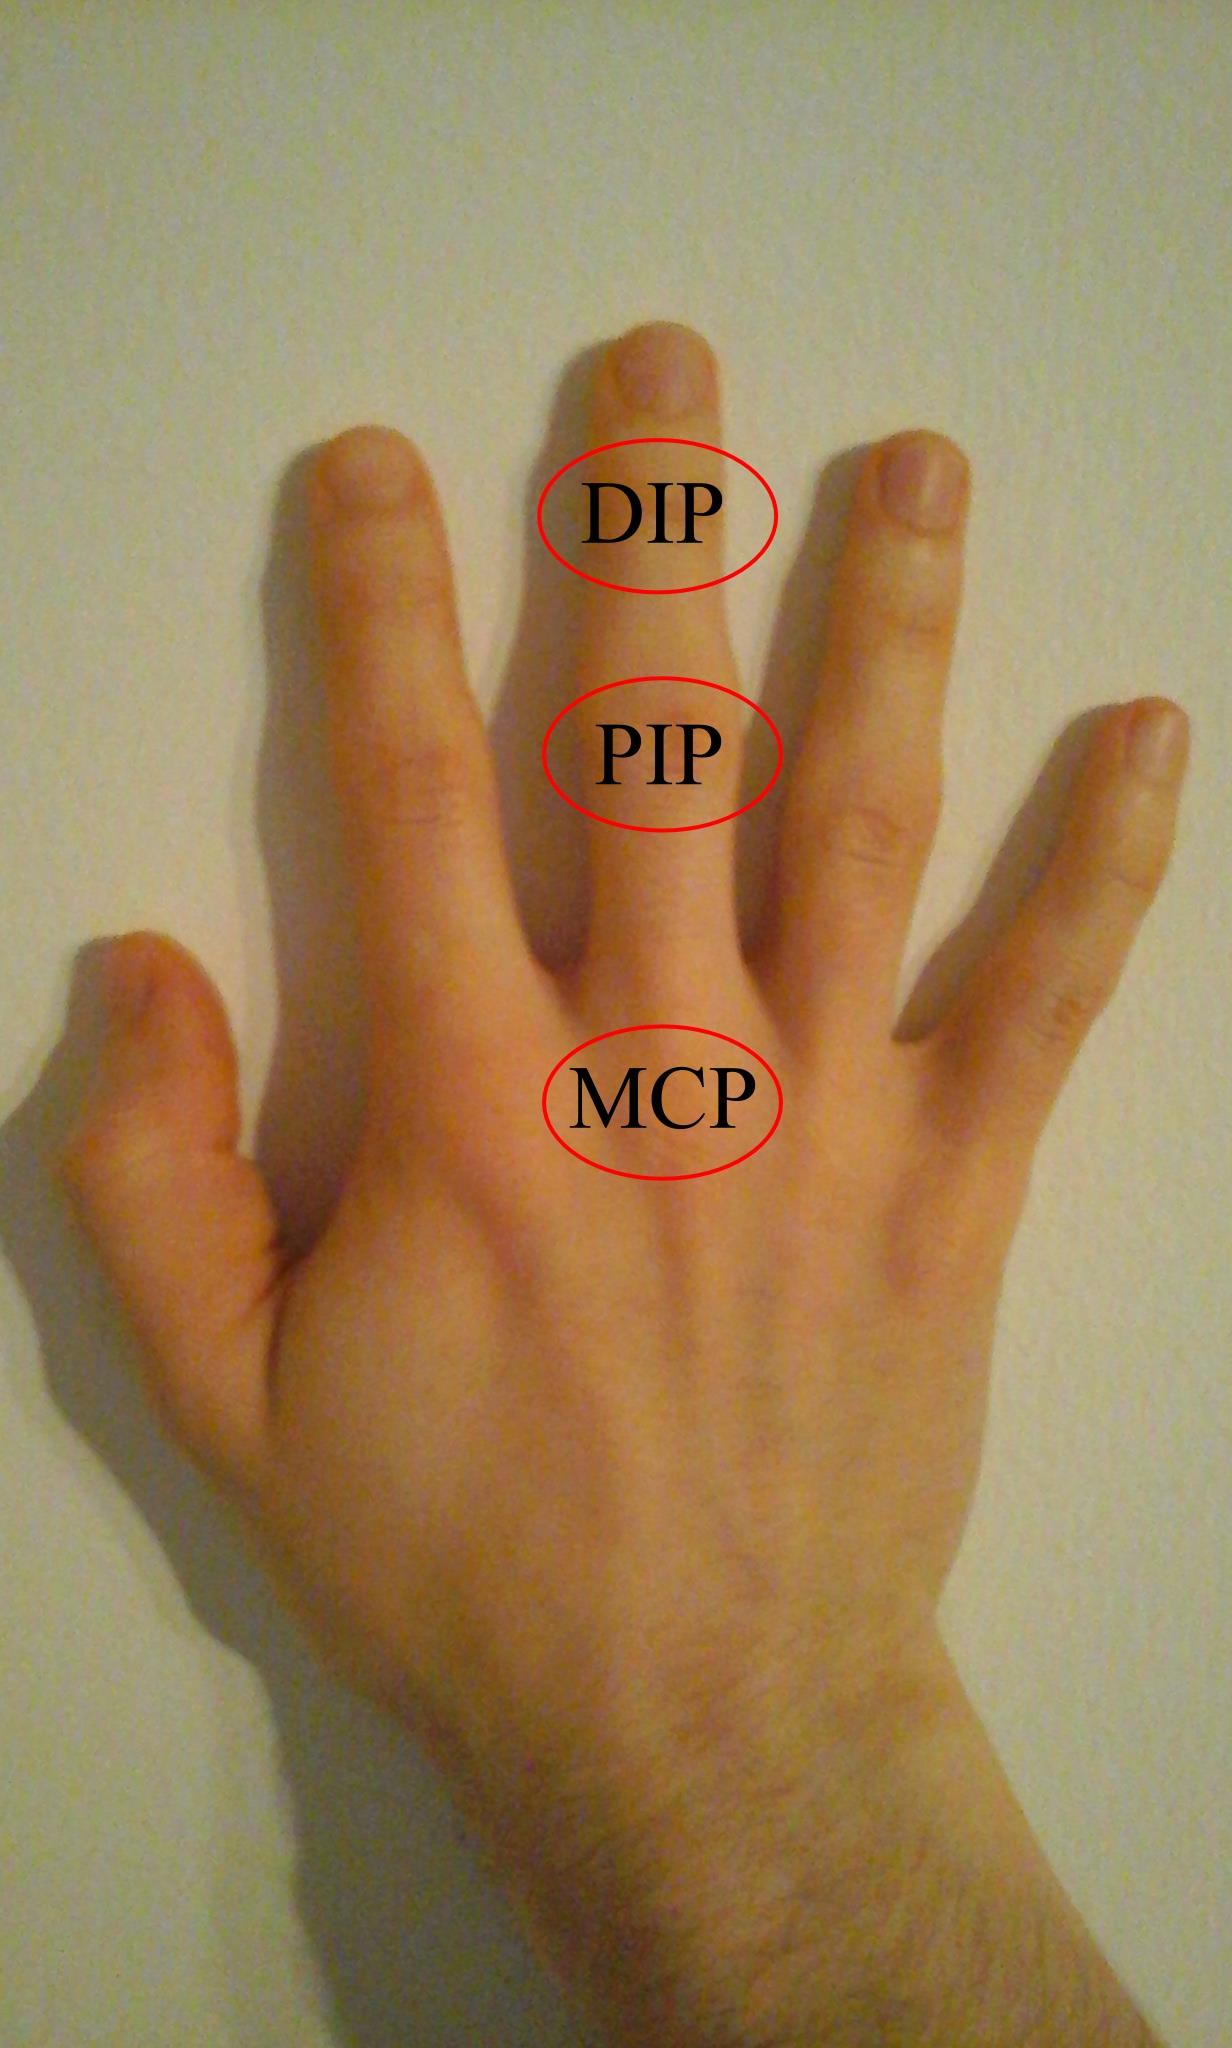 ízületi betegségek típusai és rövid ismertetése)